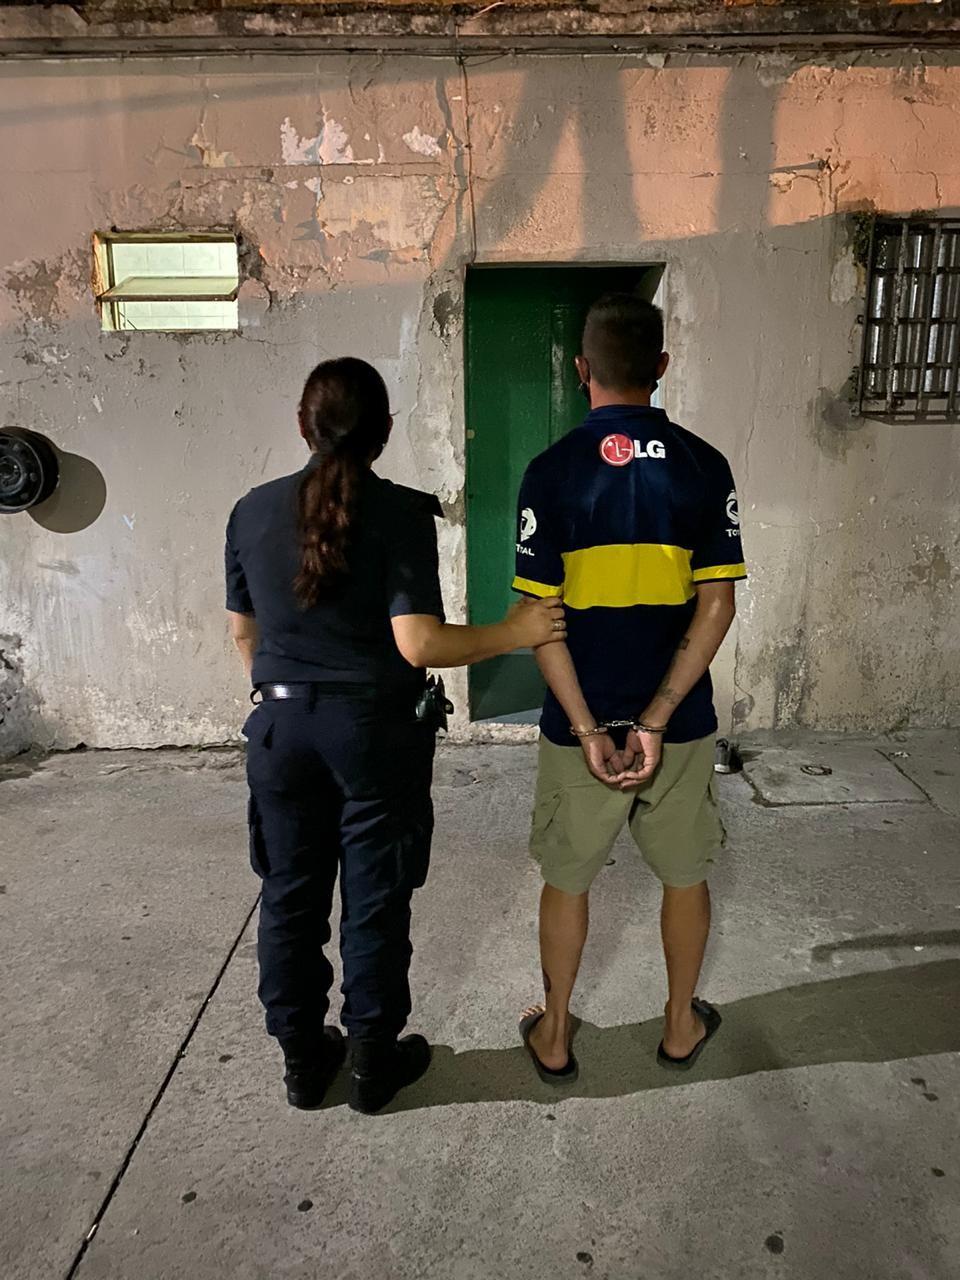 Un detenido acusado por venta de estupefacientes